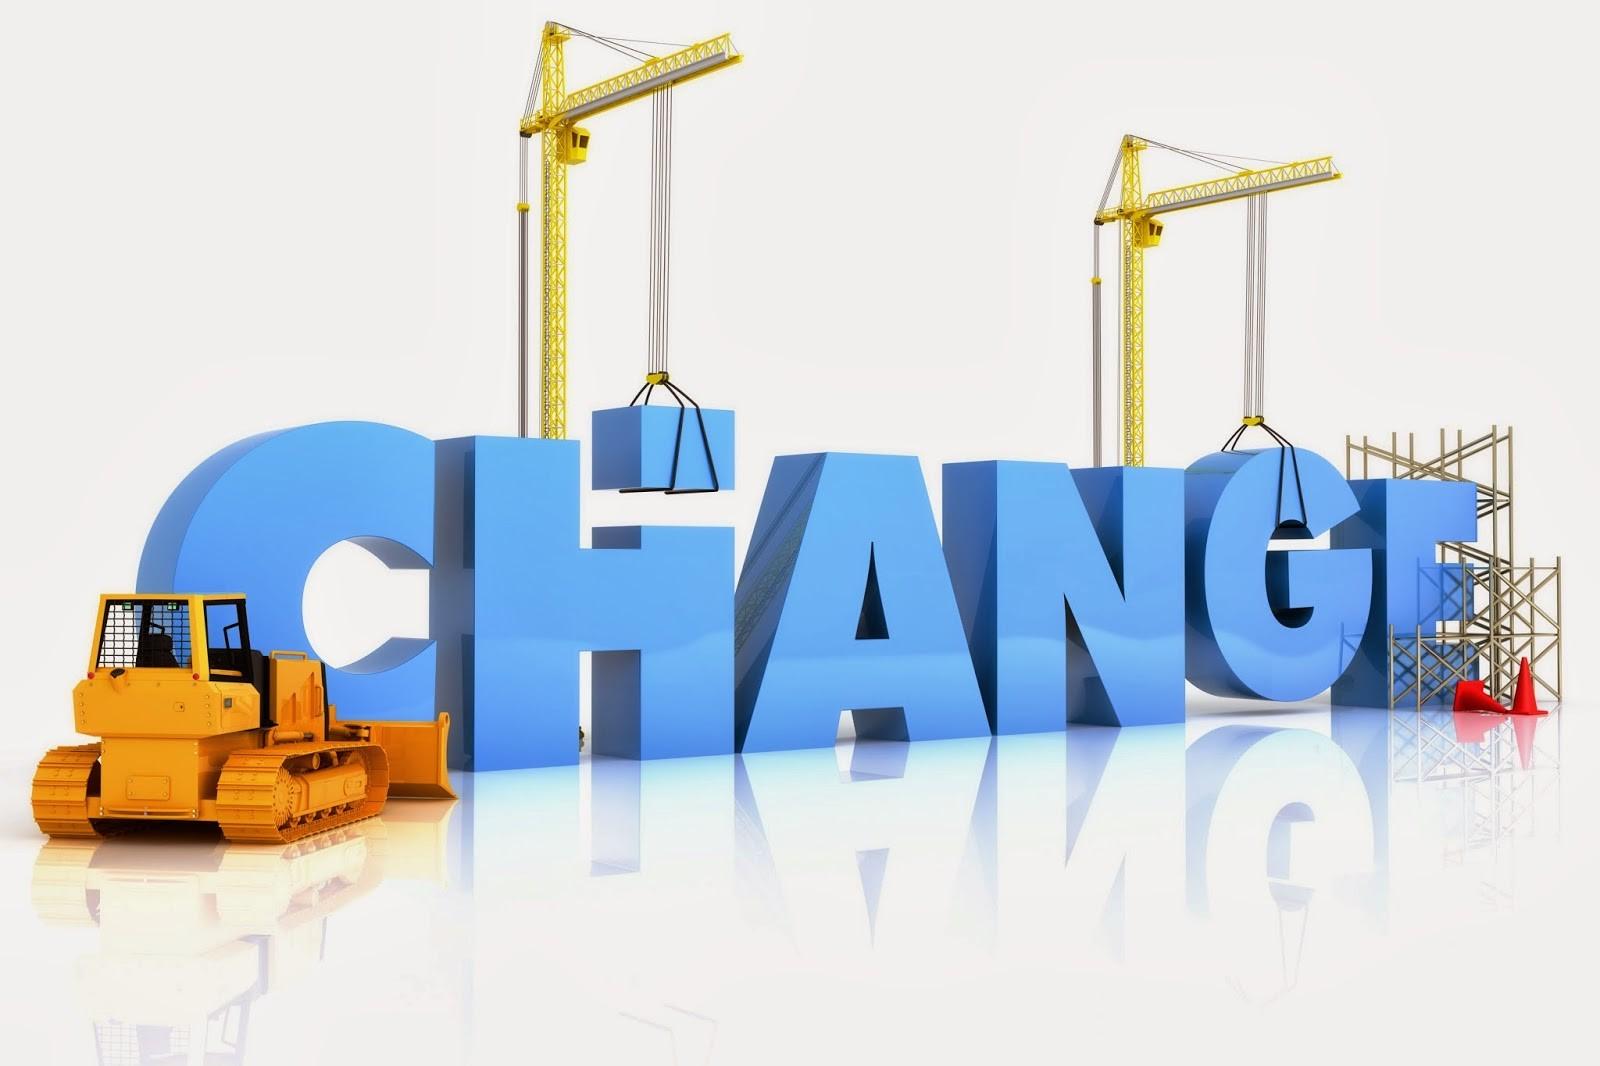 Gắn thay đổi với sự phát triển của khoa học và công nghệ để đem lại hiệu quả cải tiến chất lượng